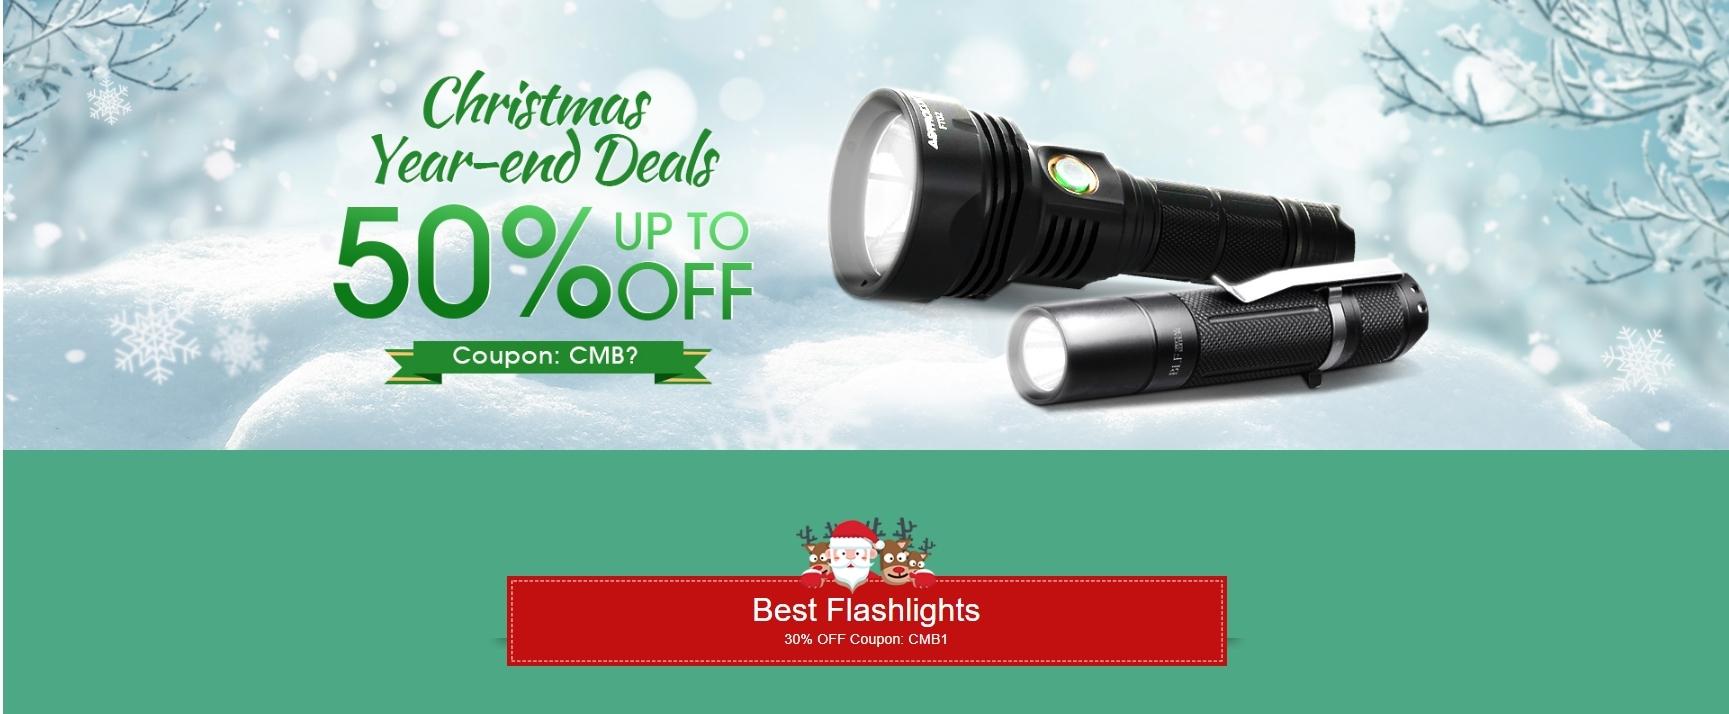 Hasta 50% de descuento para la promoción de Navidad de linternas